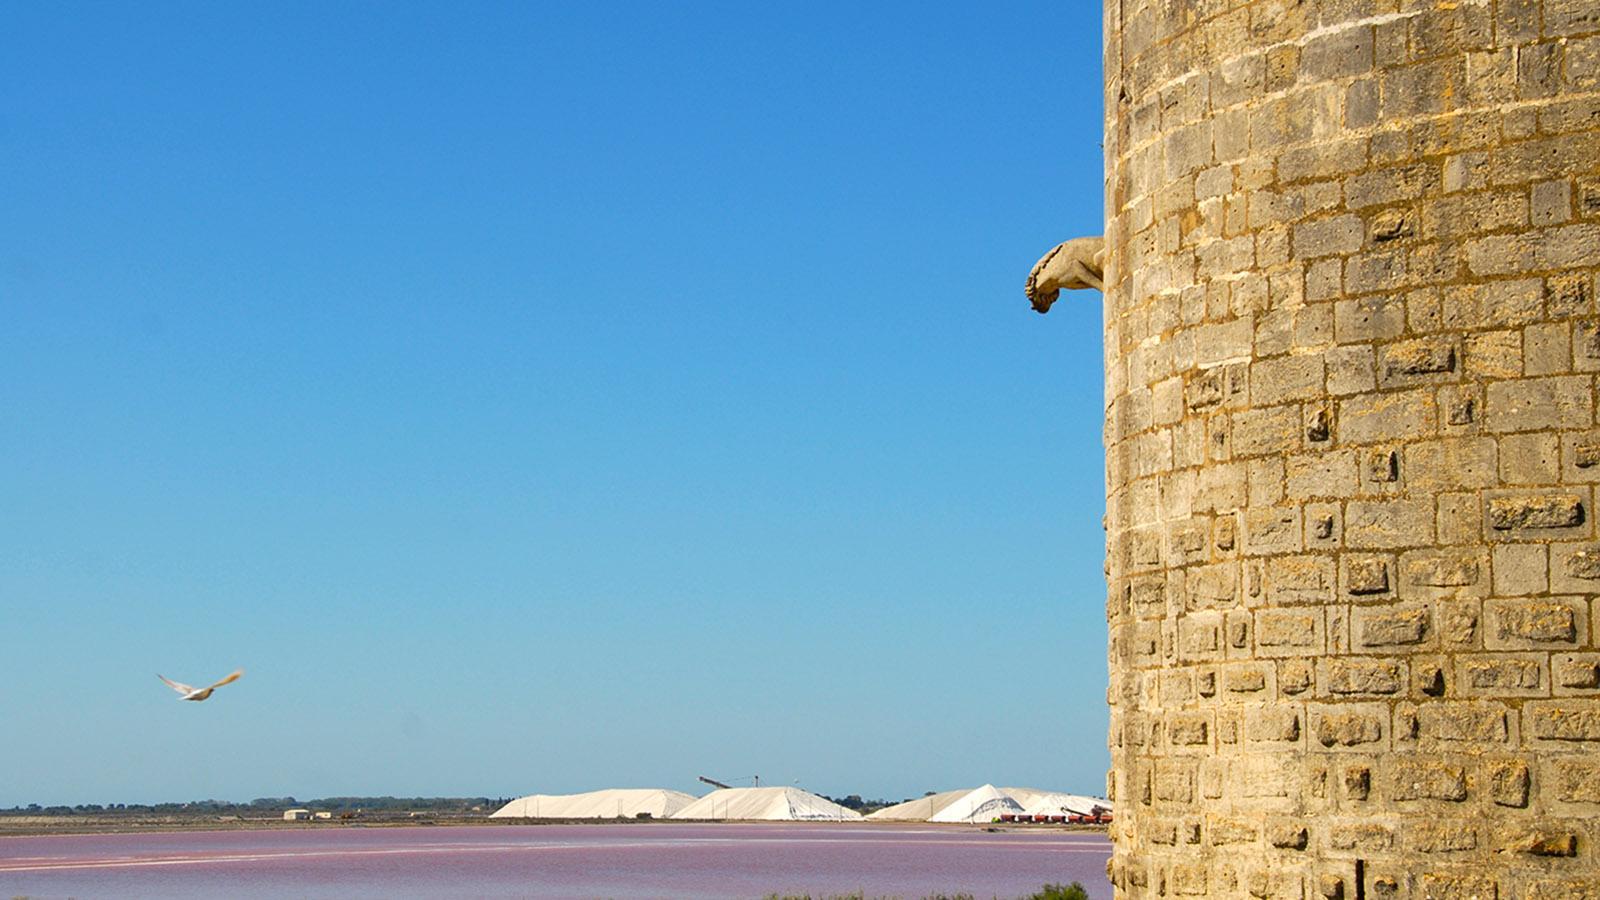 Aigues-Mortes, Blick von der Stadtmauer auf die Saline du Midi (Salzgewinnung). Foto: Hilke Maunder